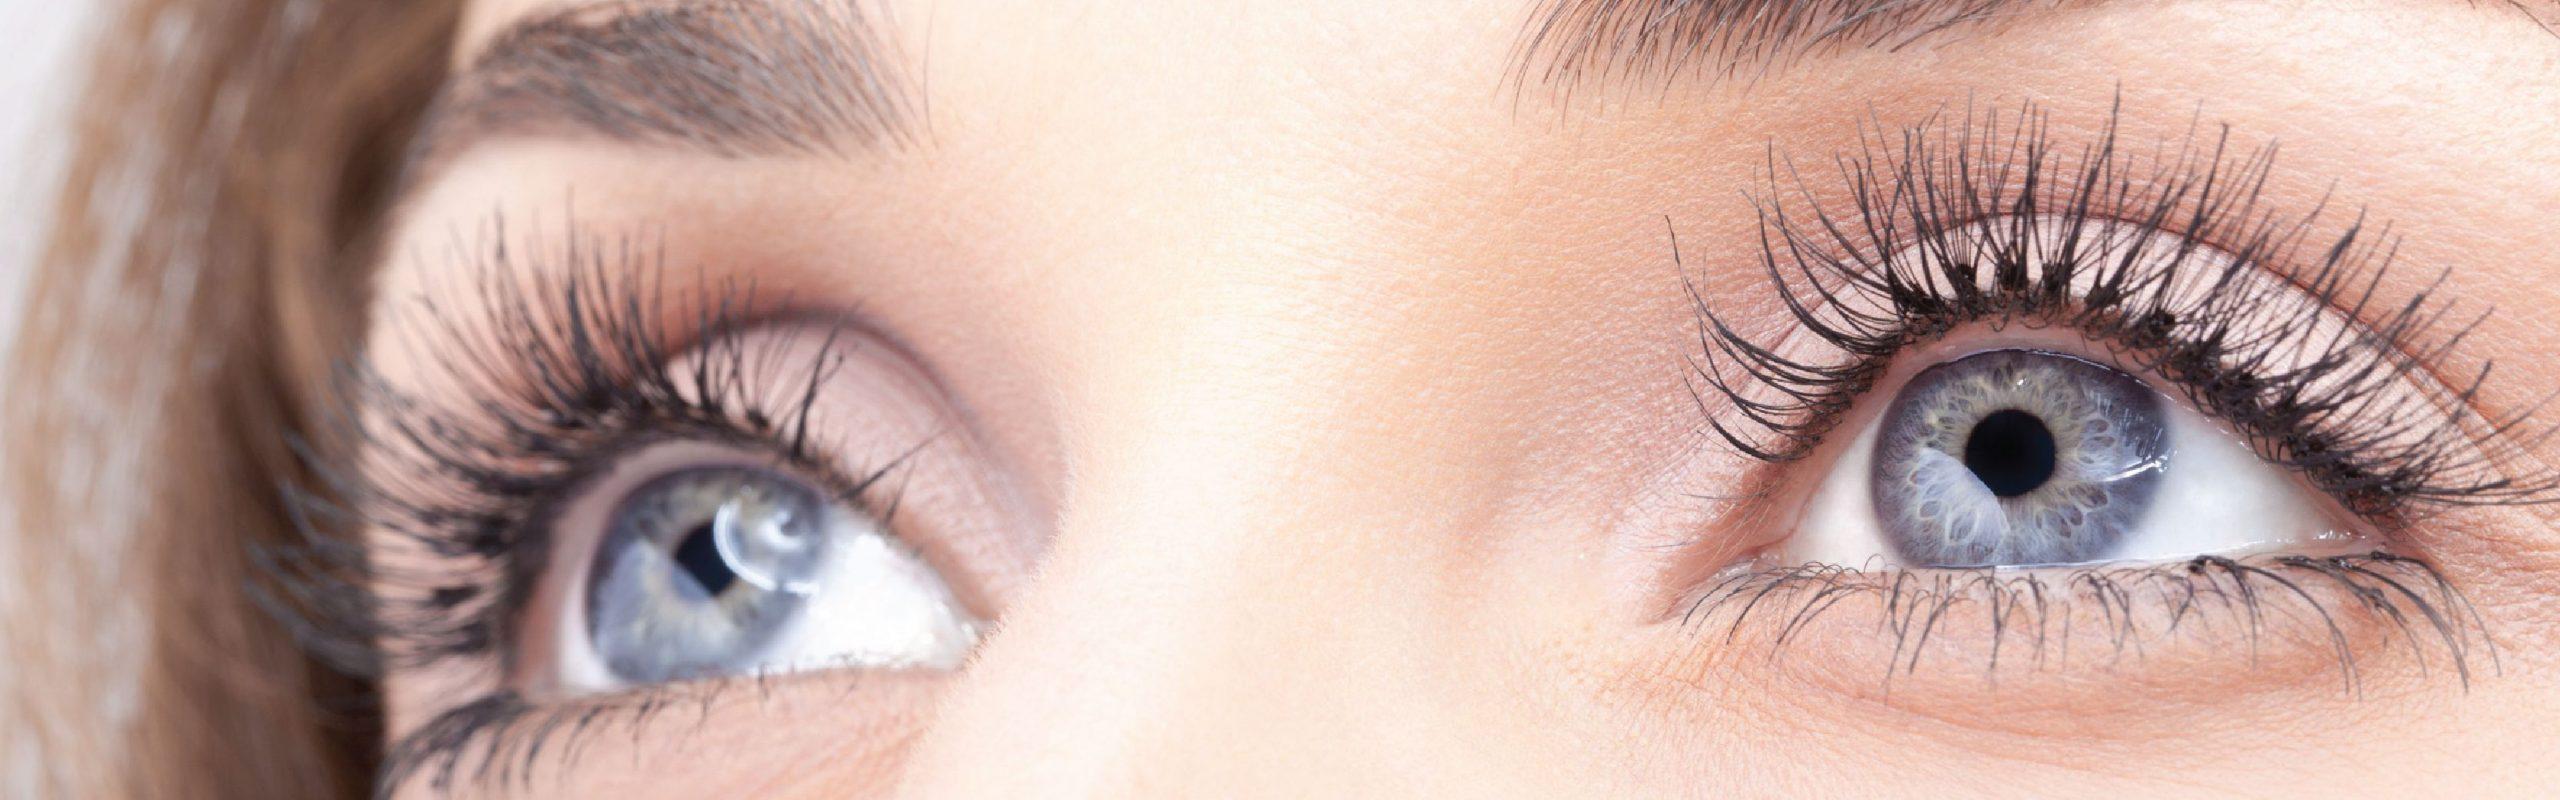 Косметические средства Reviline для кожи вокруг глаз